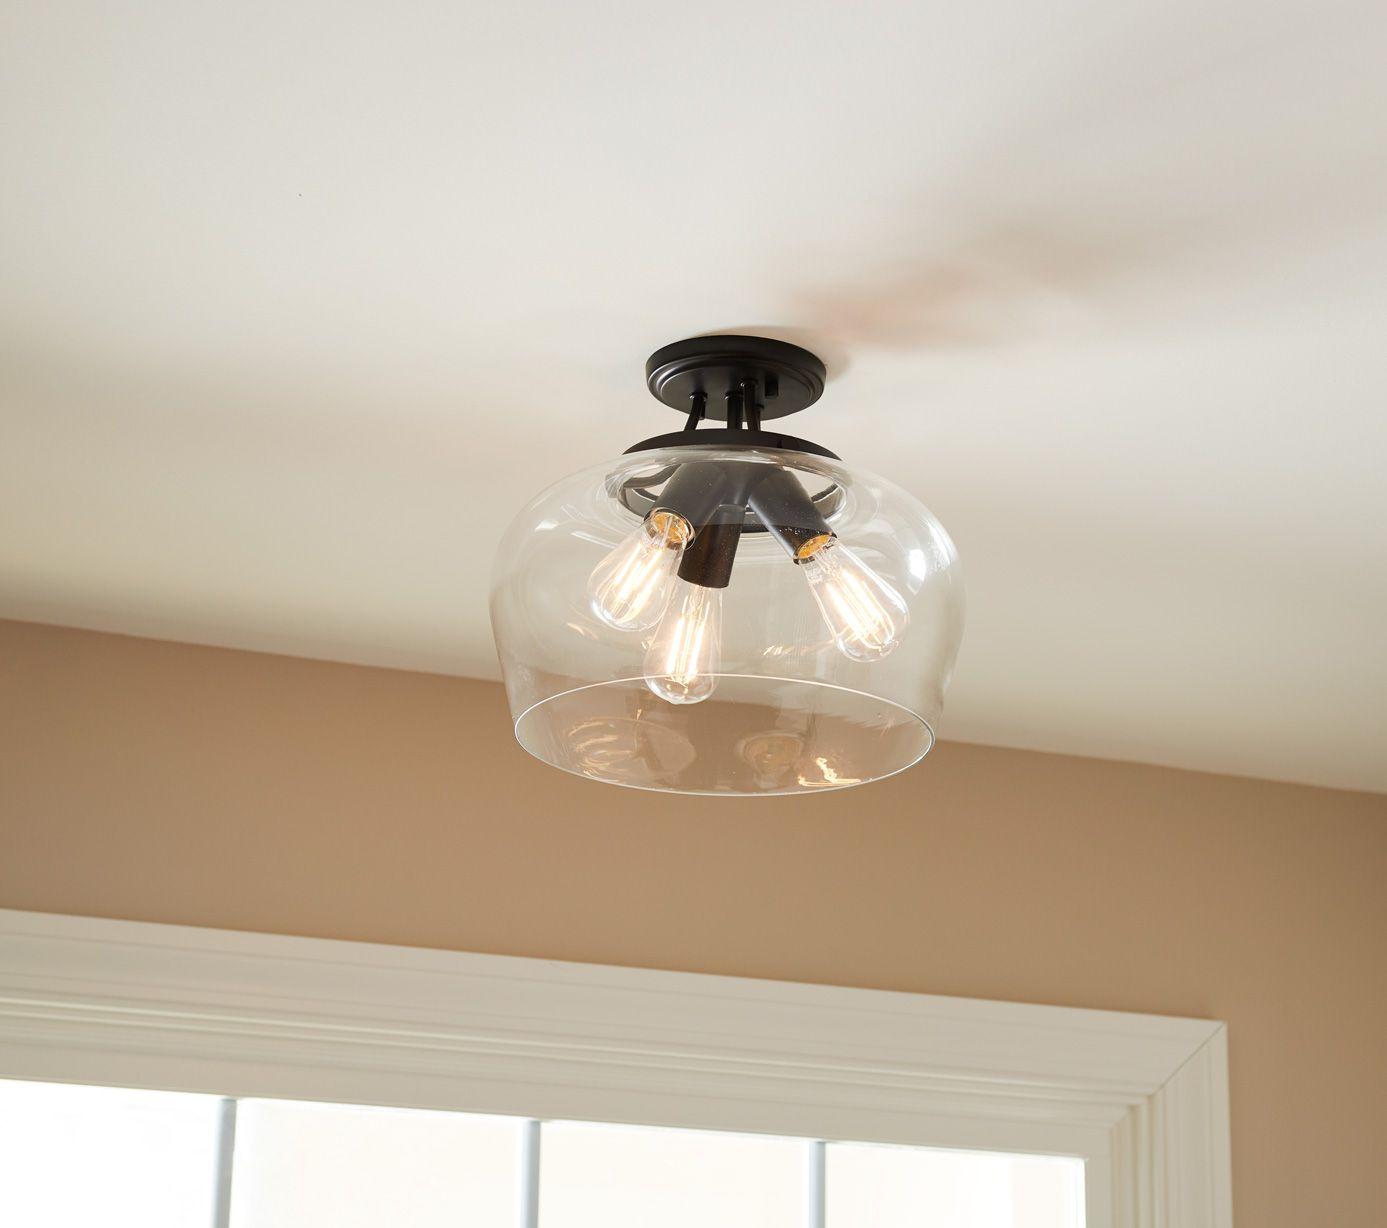 Savoy House Octave 3 Light Semi Flush Ceiling Light In Black